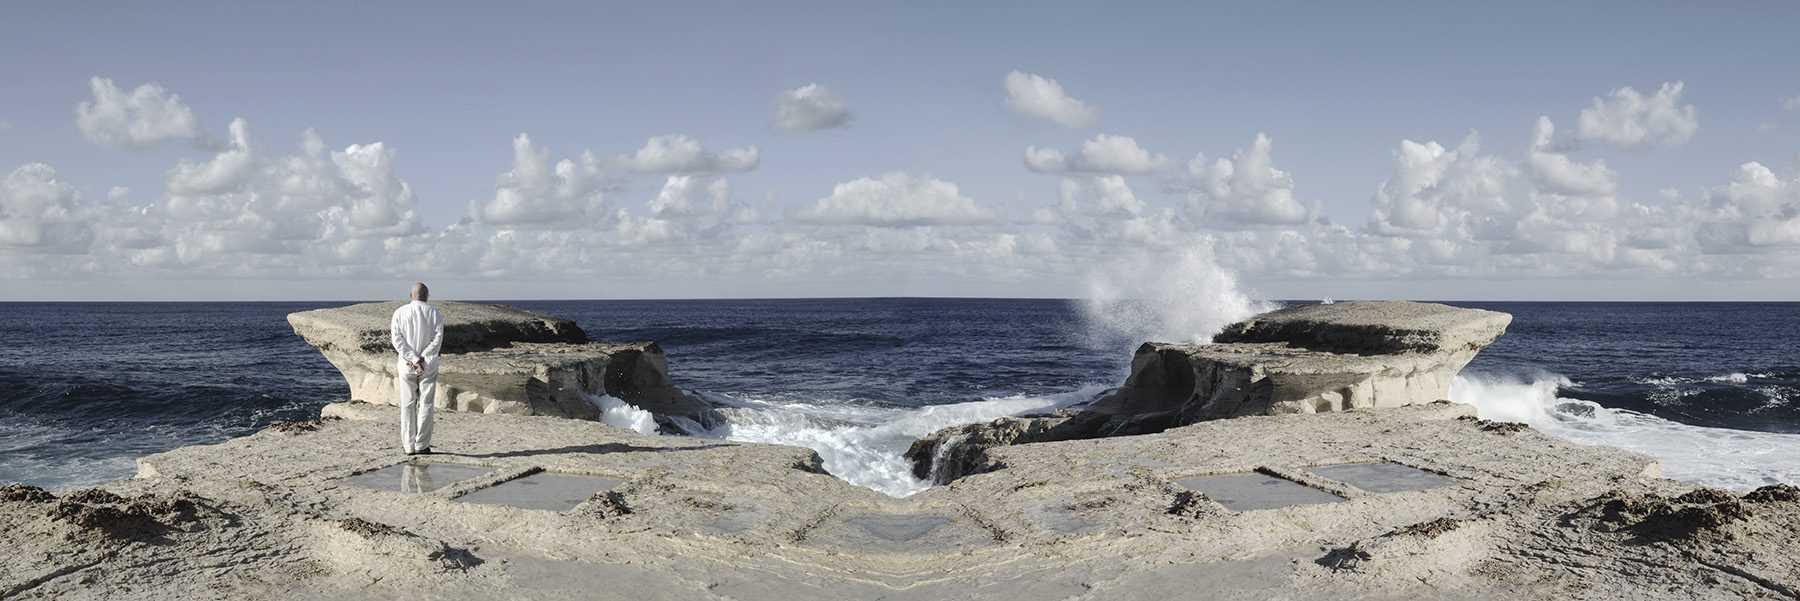 mark pilkington sea splash